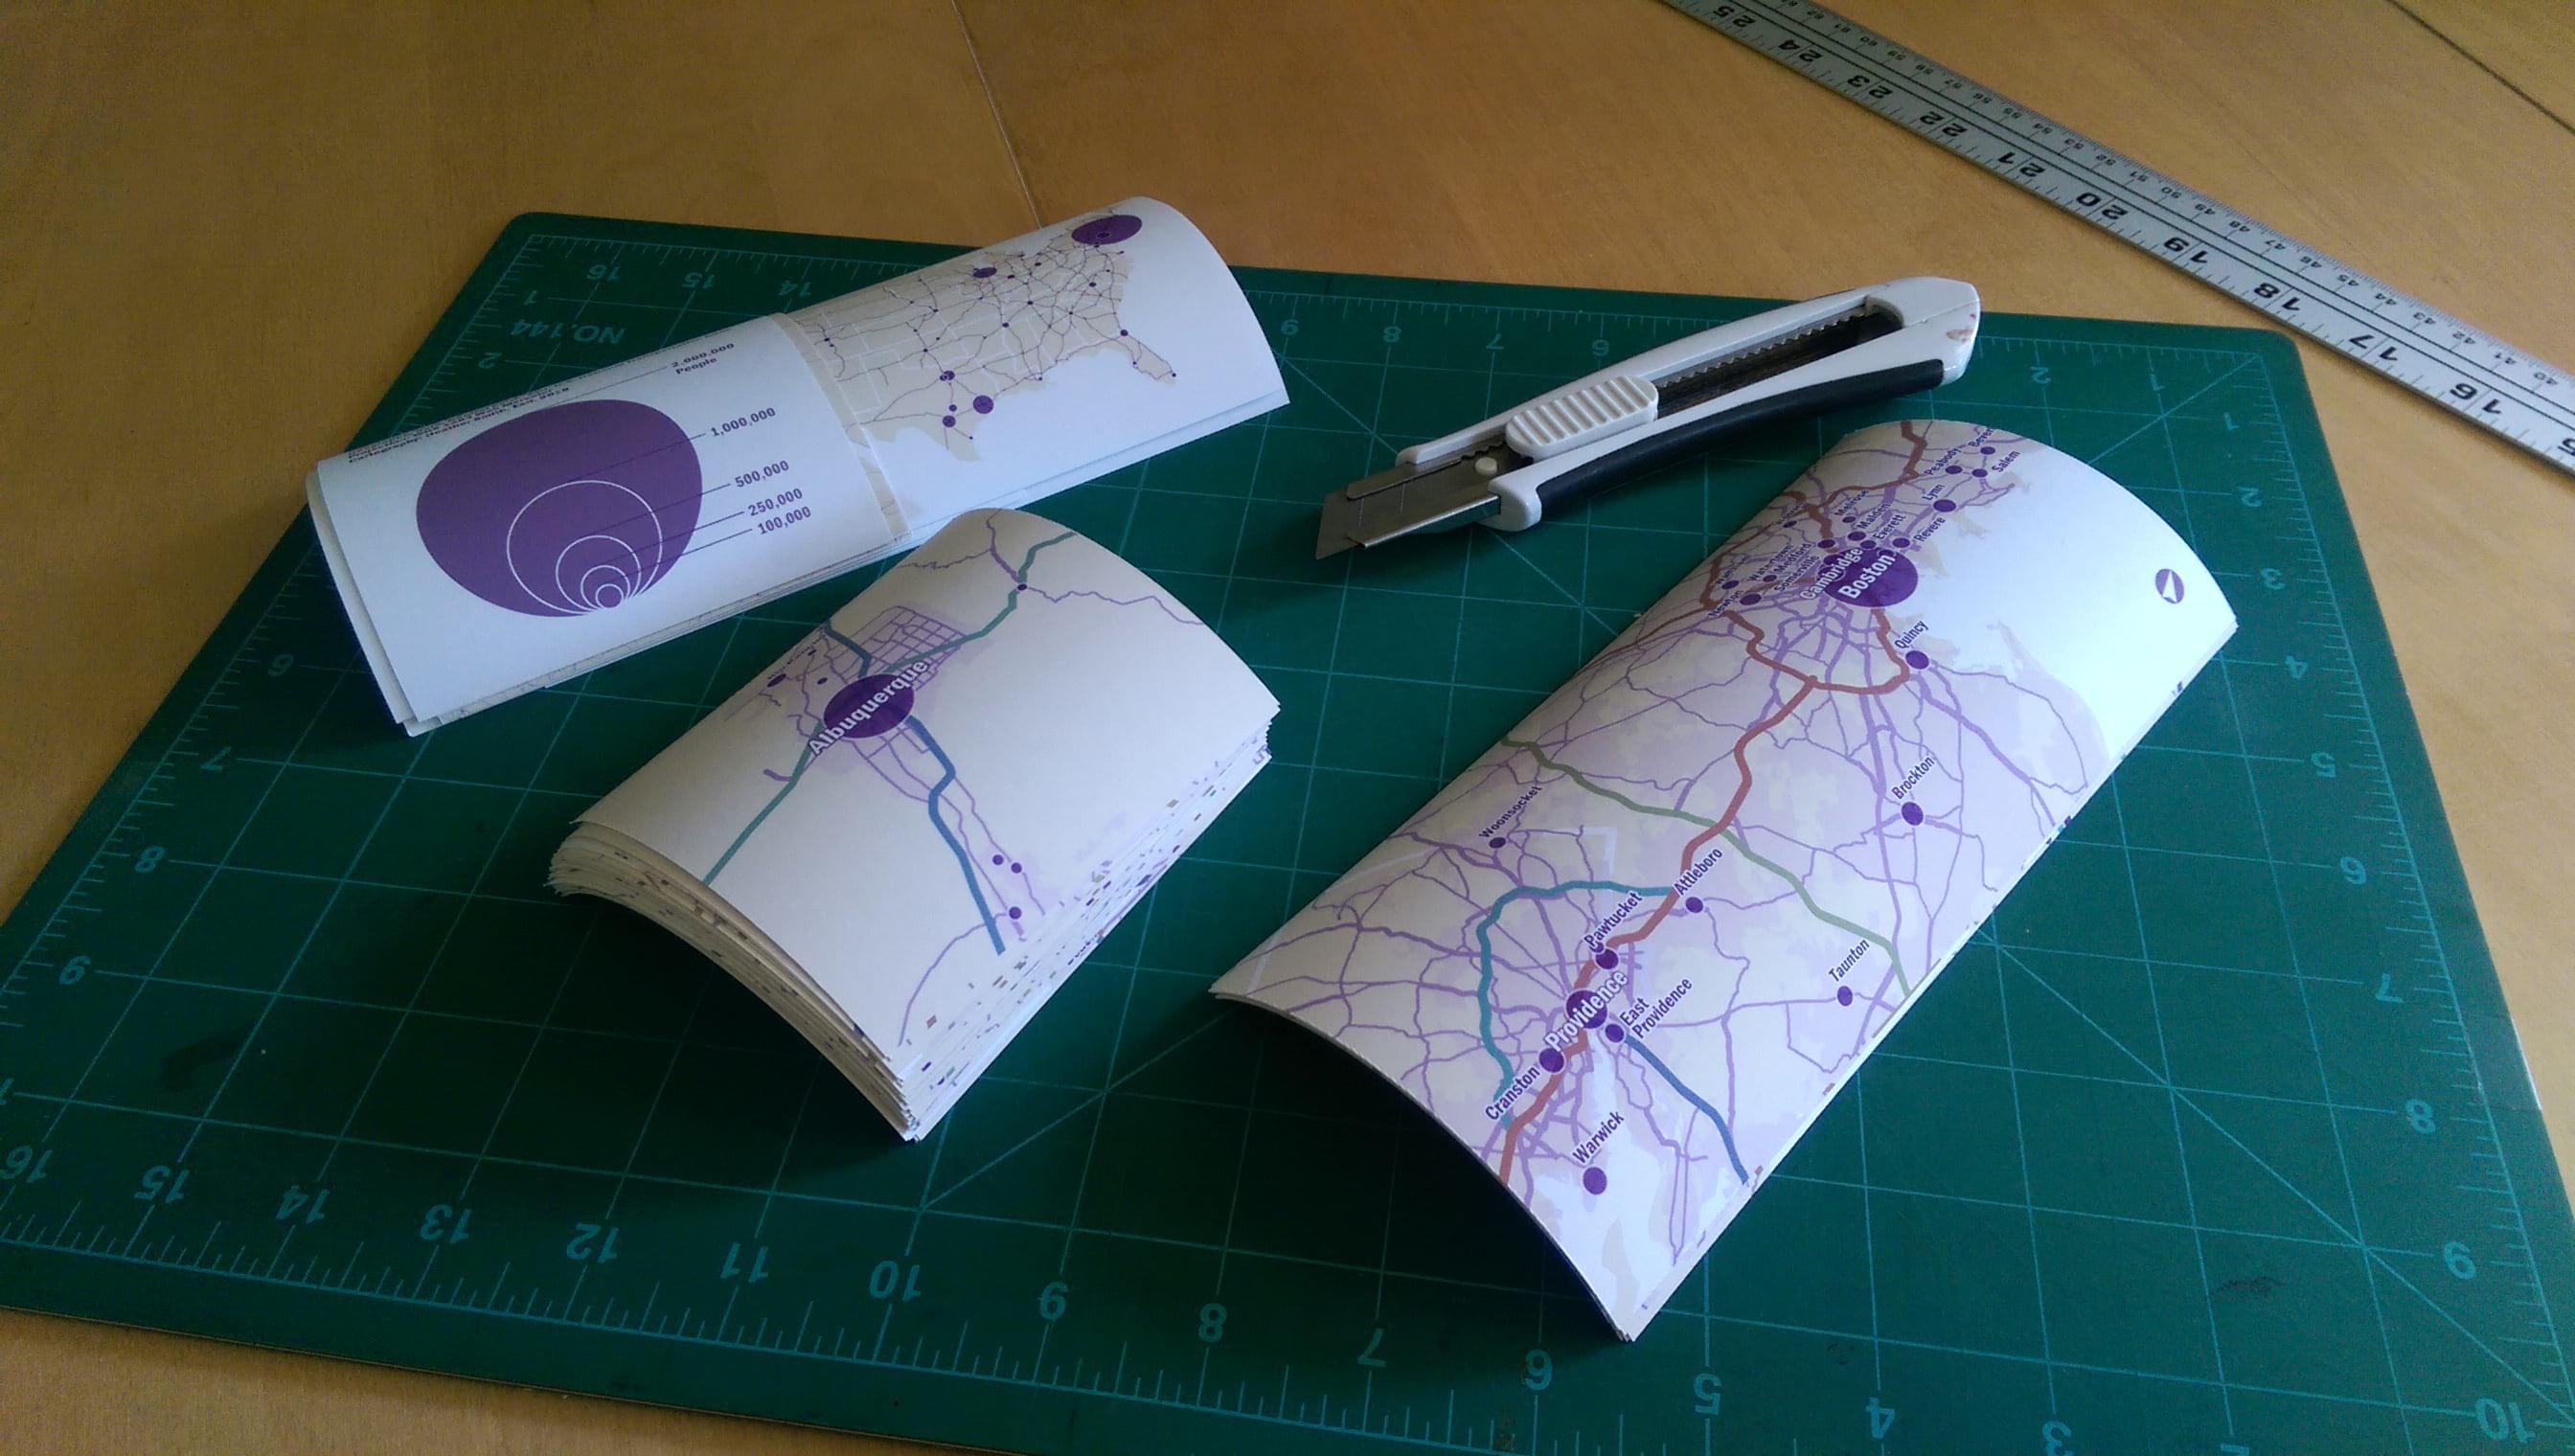 Trim the paper atlas pages